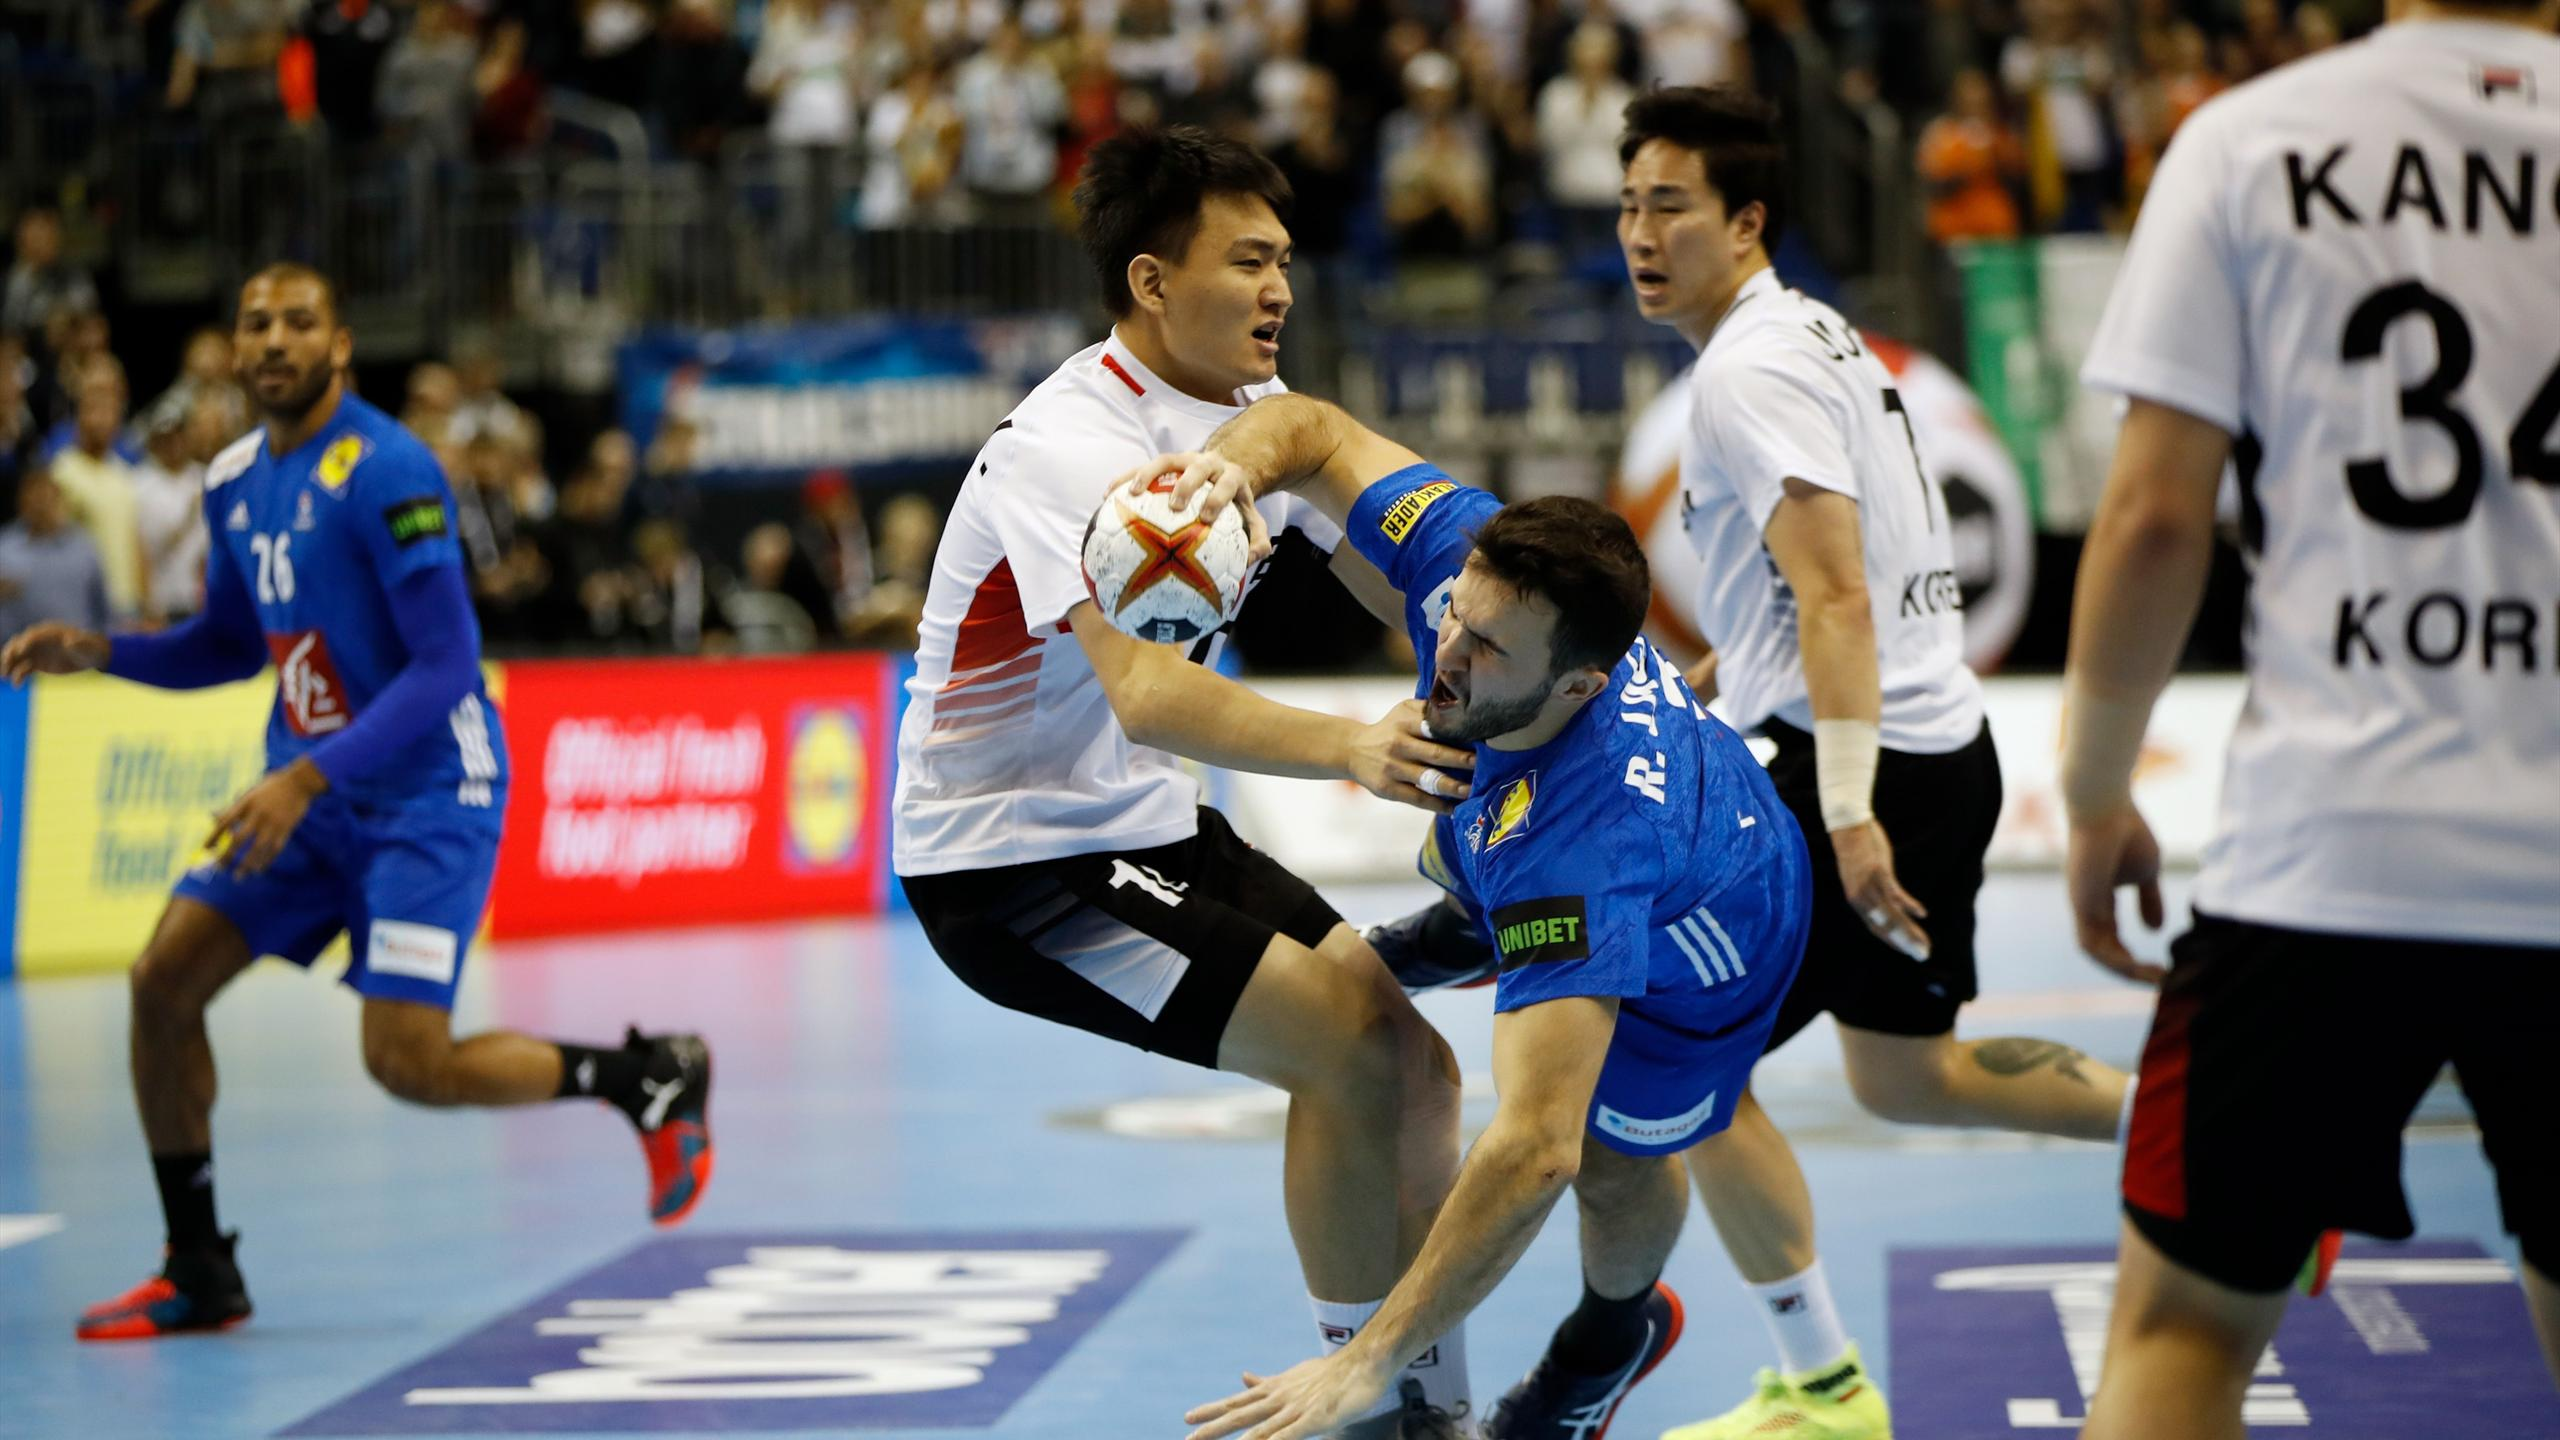 Handball Wm Frankreich